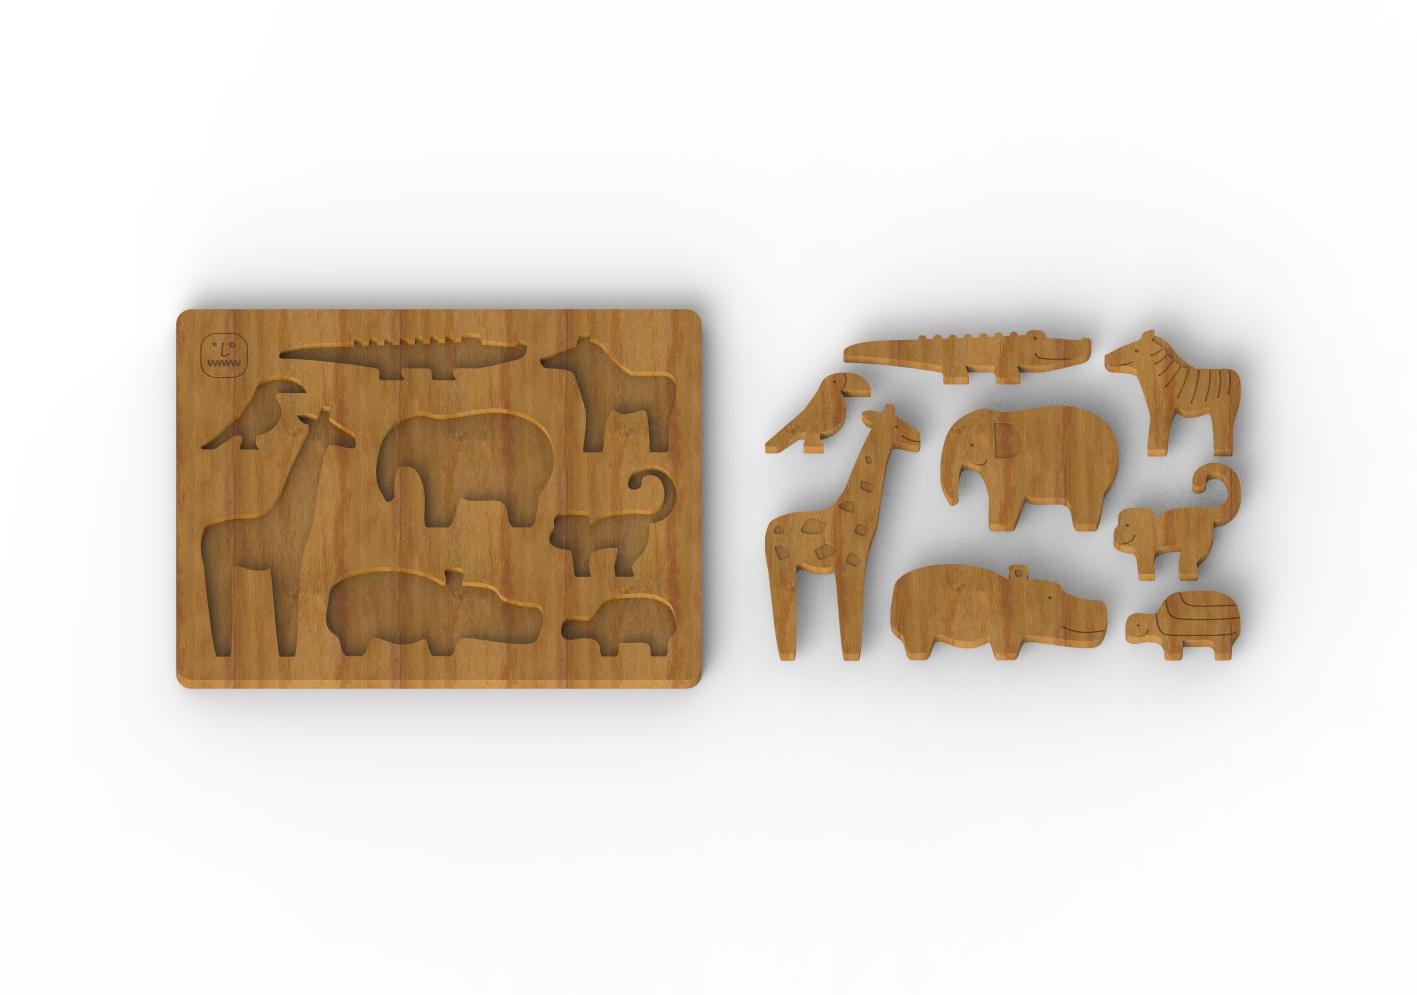 пазл Животные, деревянный набор из семи игрушек